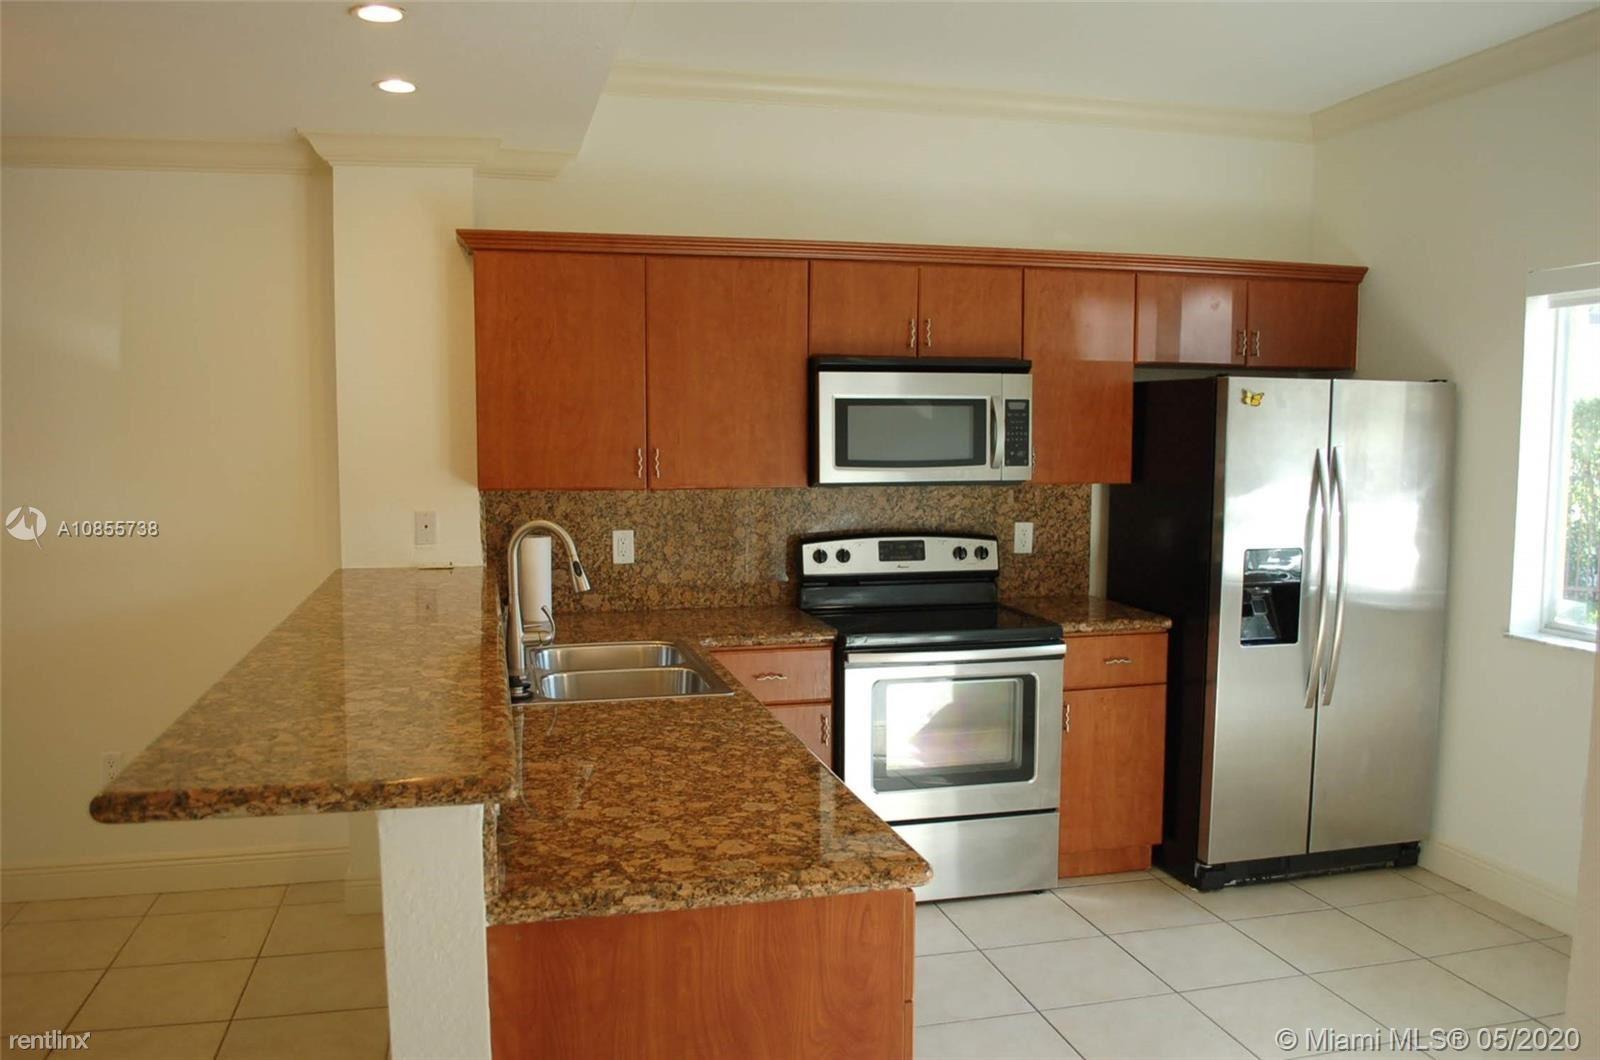 11691 NE 18th Dr, North Miami, FL - $2,450